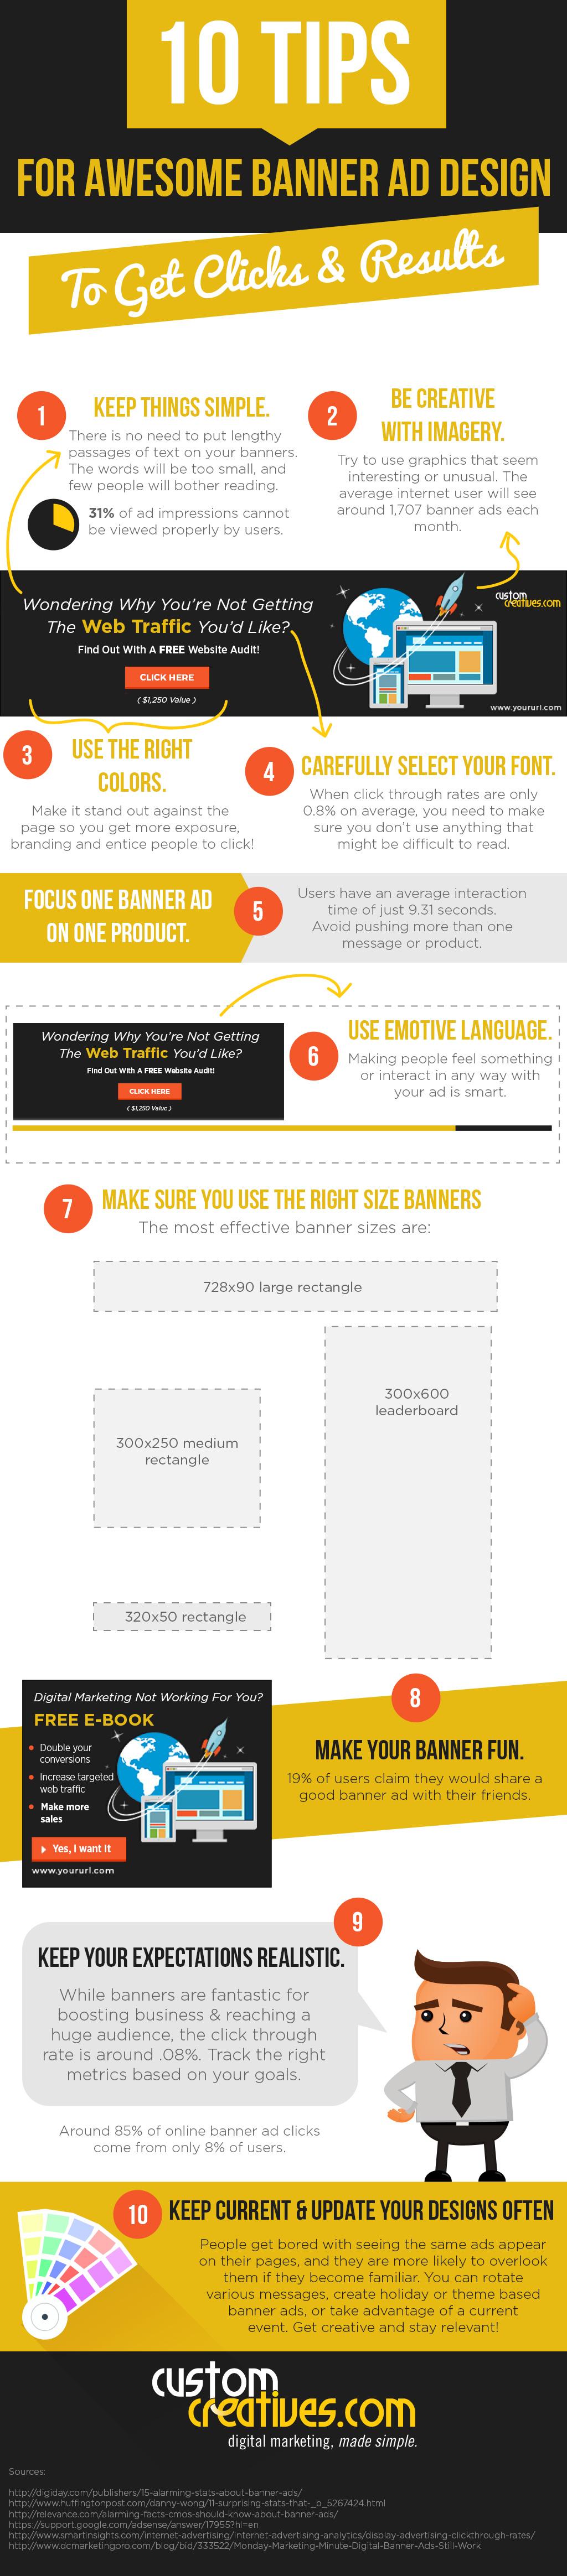 10-tips-banner-design-v6-final